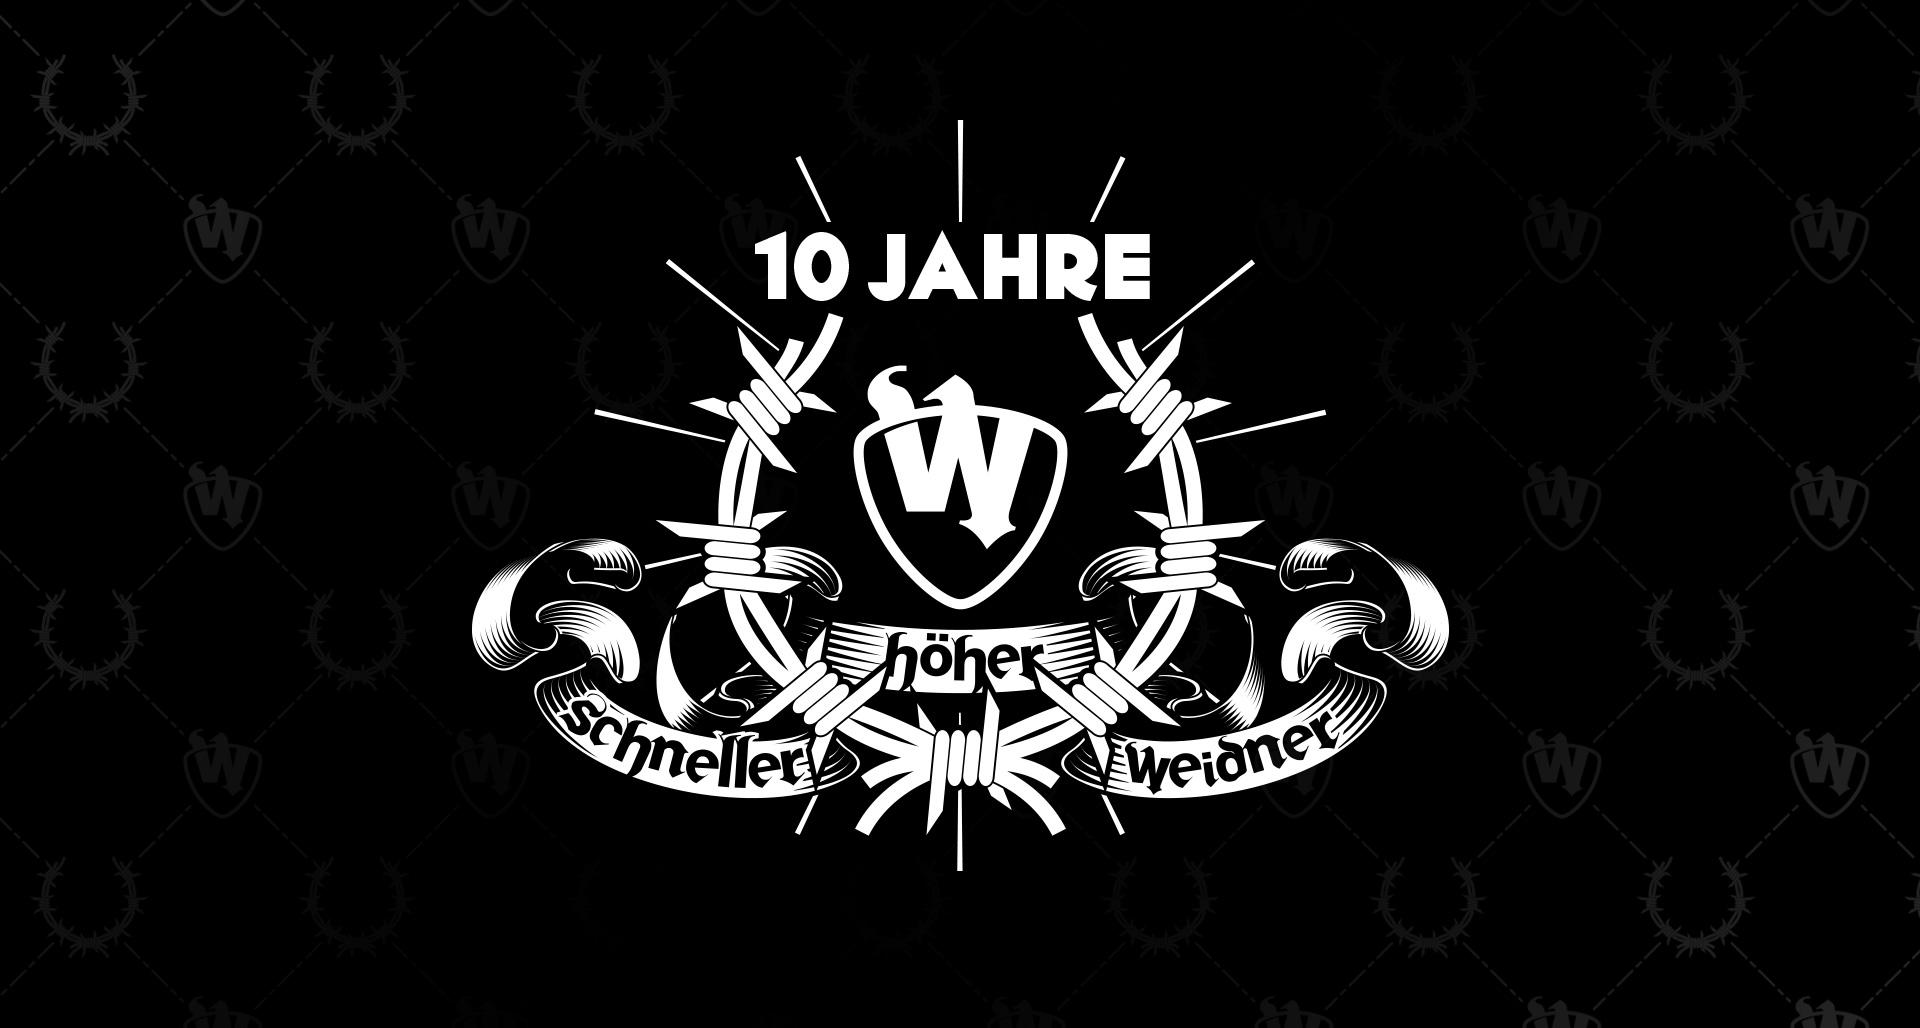 10 Jahre – Schneller, höher, Weidner